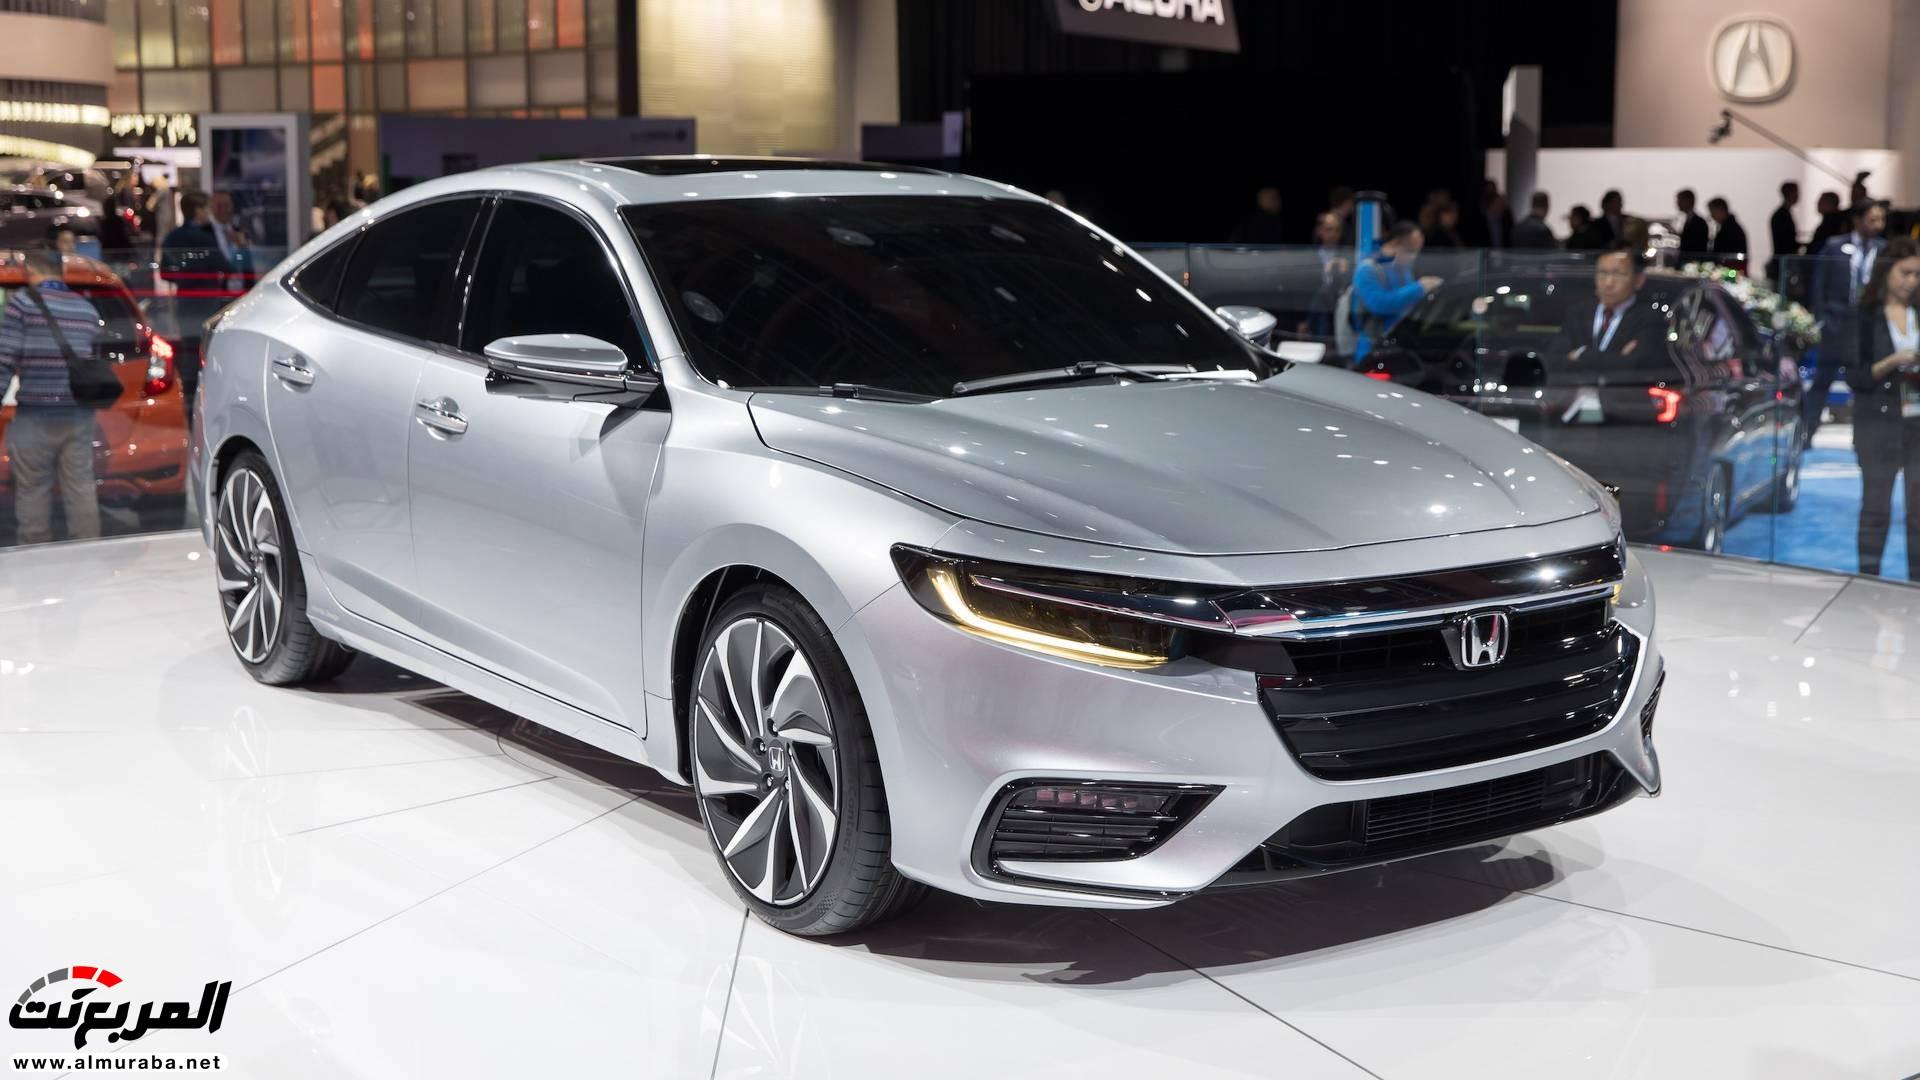 بالصور سيارات فخمة 2019 , اشيك سيارات للعام القادم وافخم المودلات 486 10